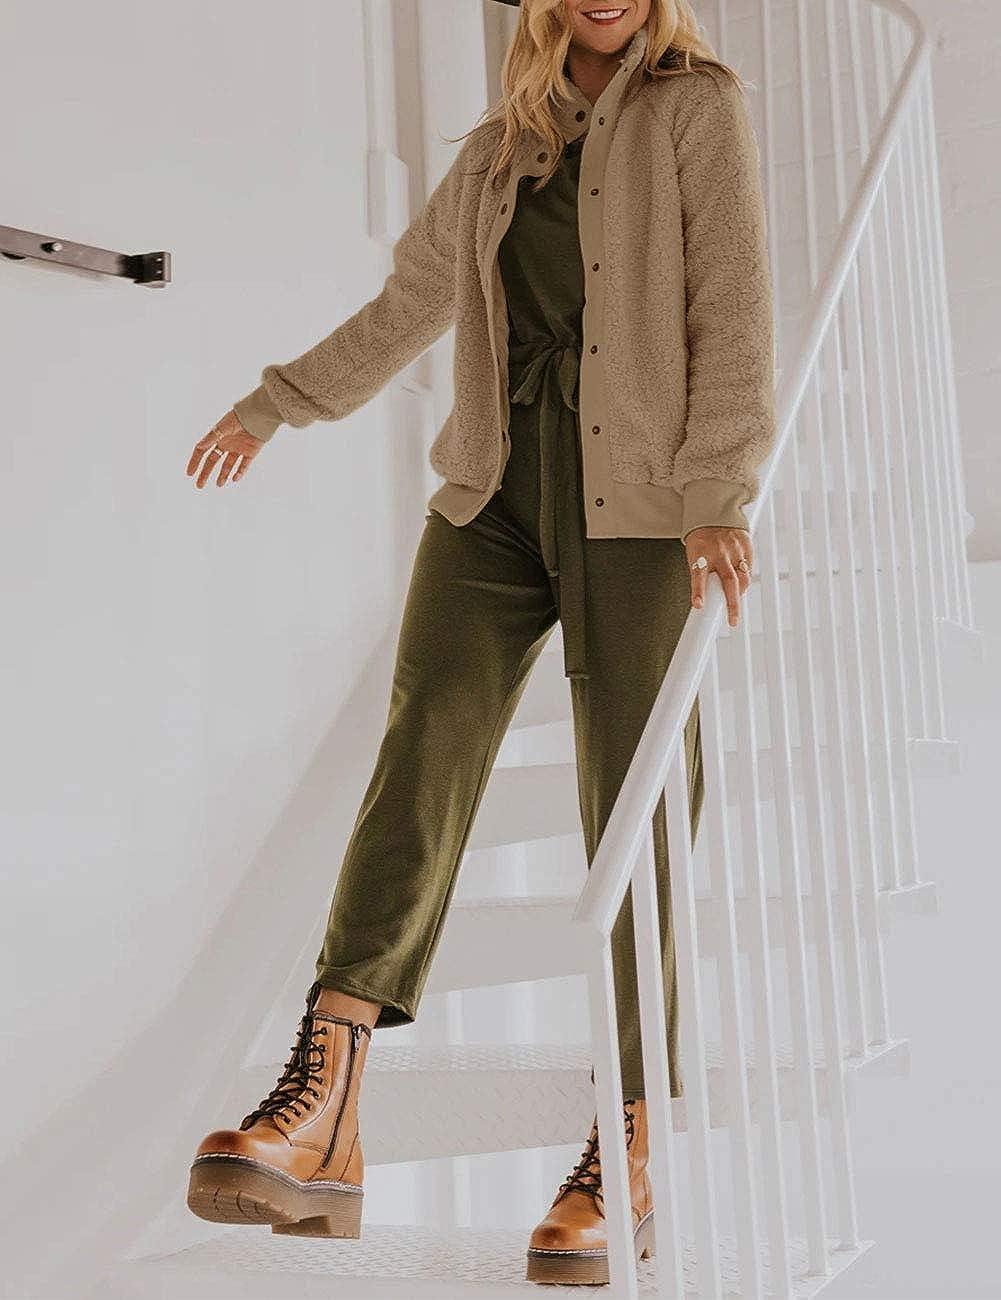 MEROKEETY Womens Winter Long Sleeve Button Sherpa Jacket Coat Casual Warm Fleece